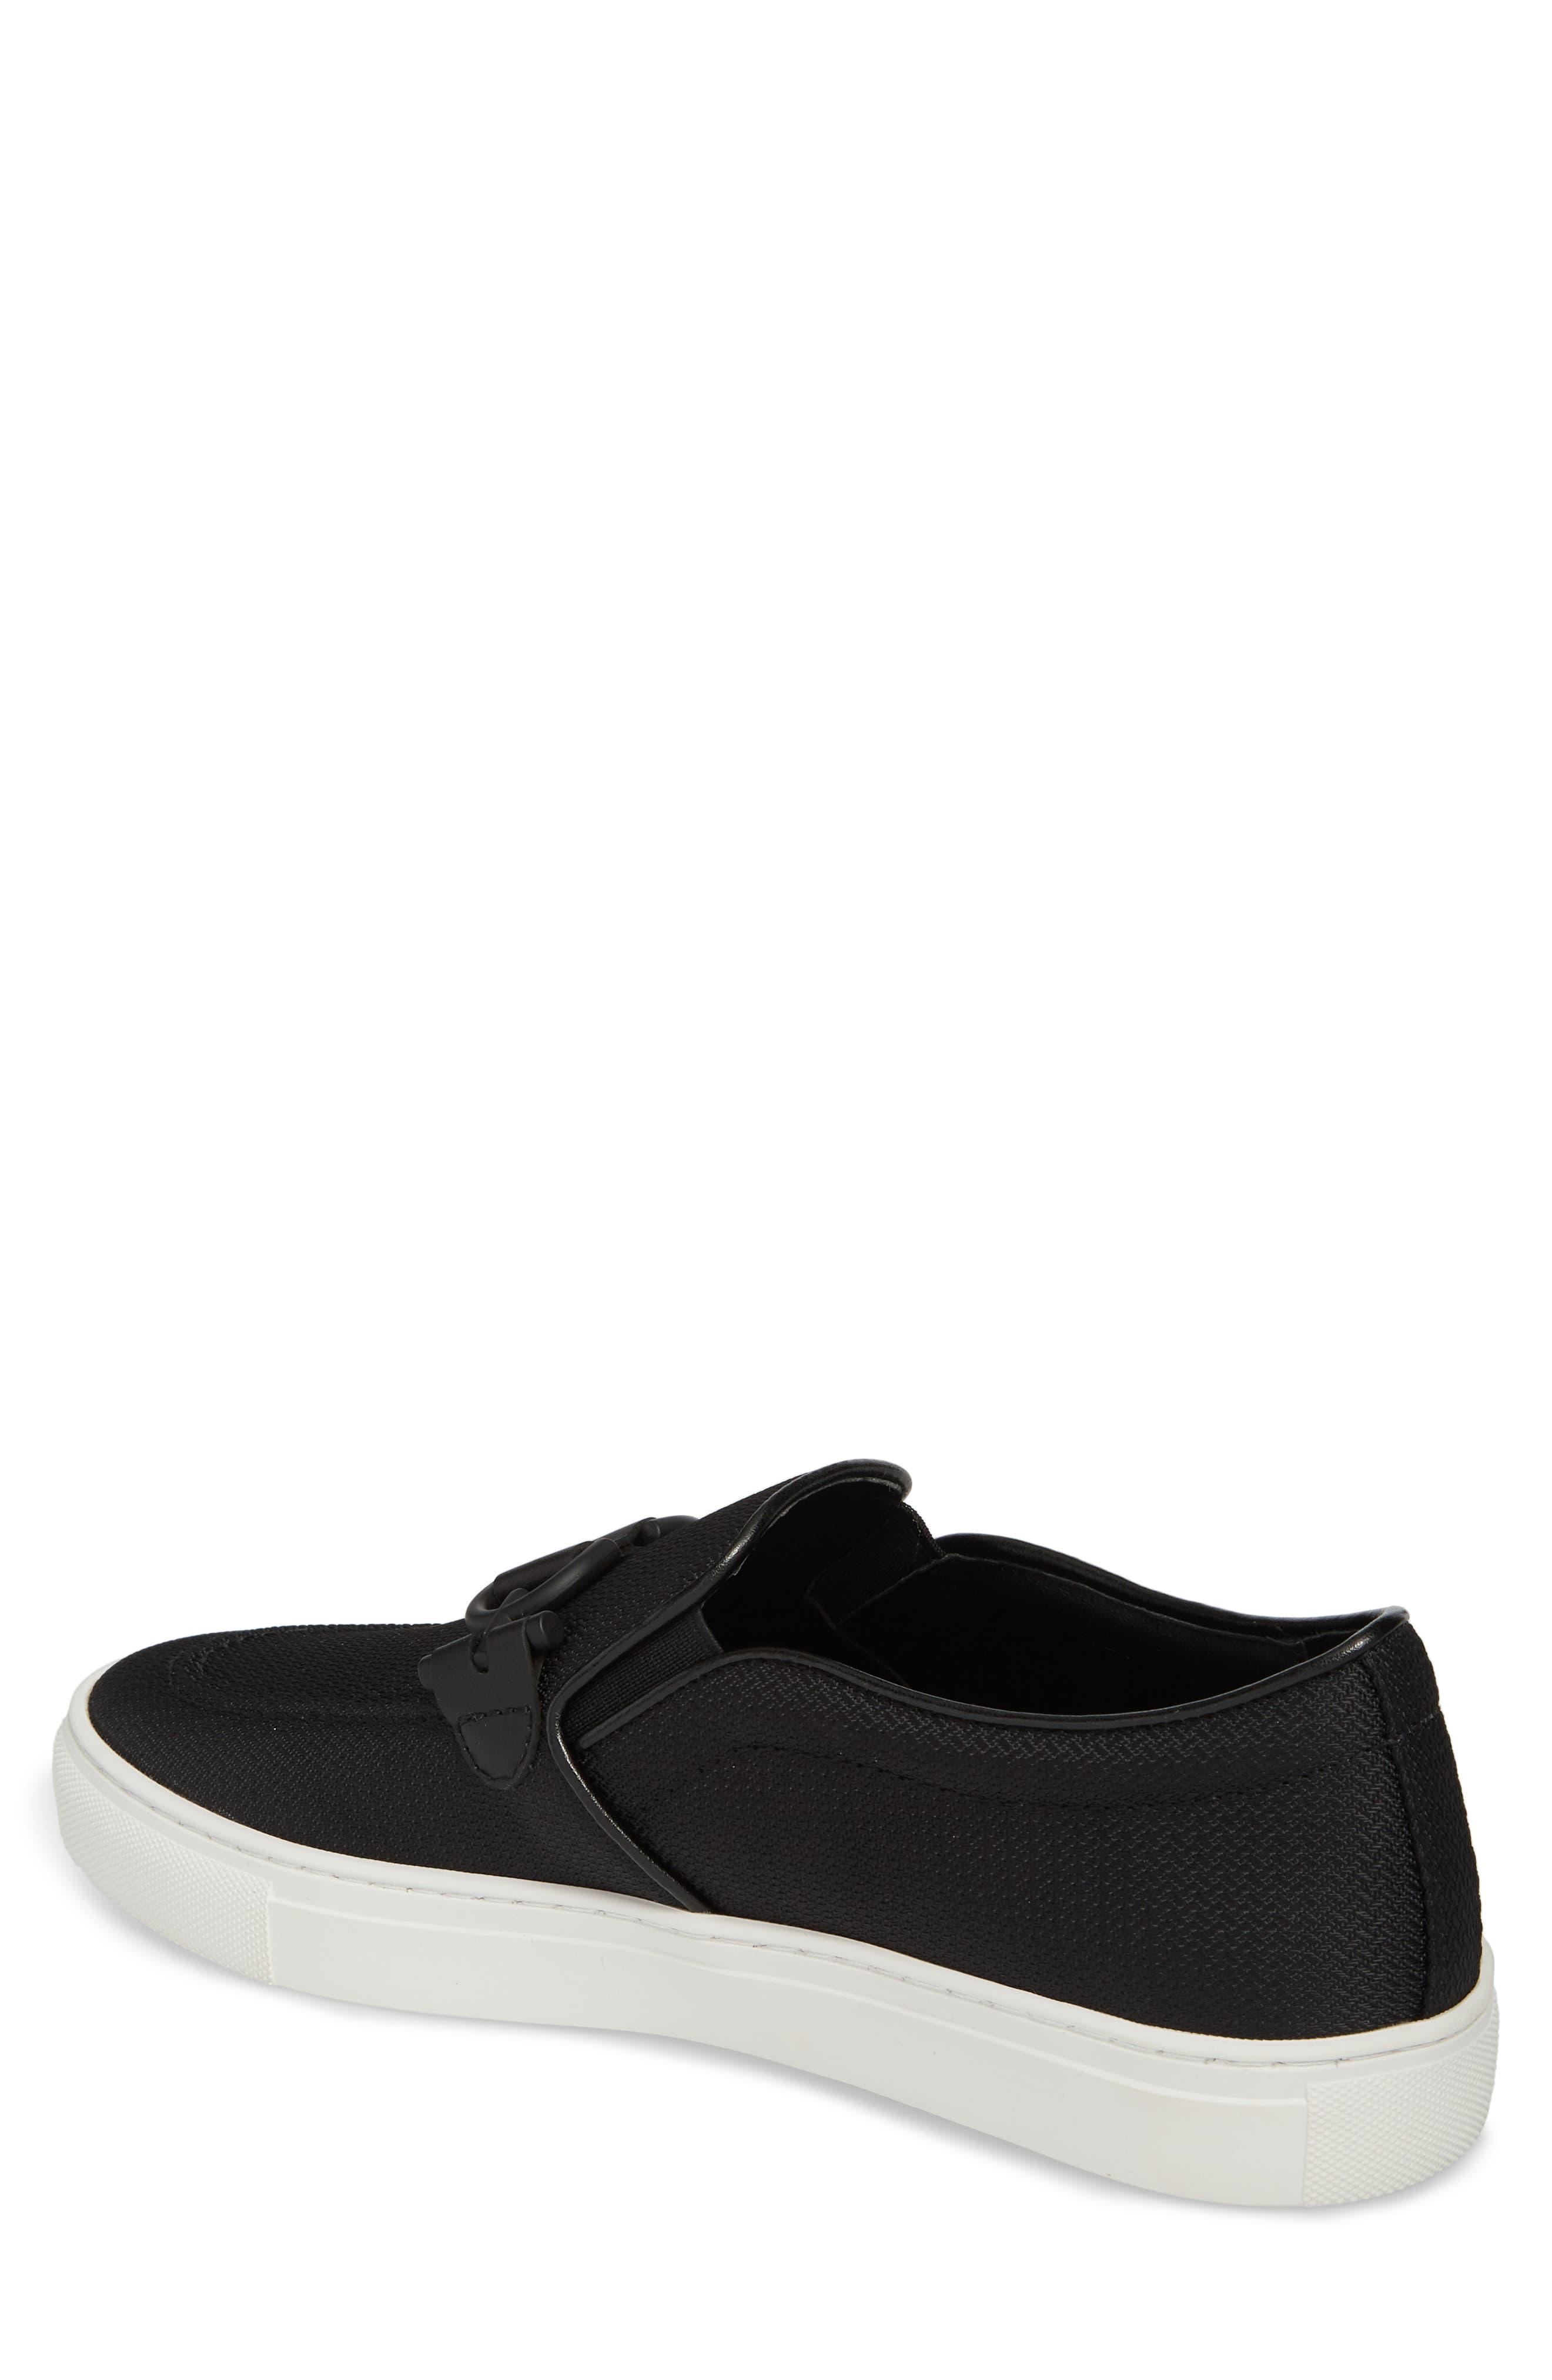 Andor Bit Slip-On Sneaker,                             Alternate thumbnail 2, color,                             001